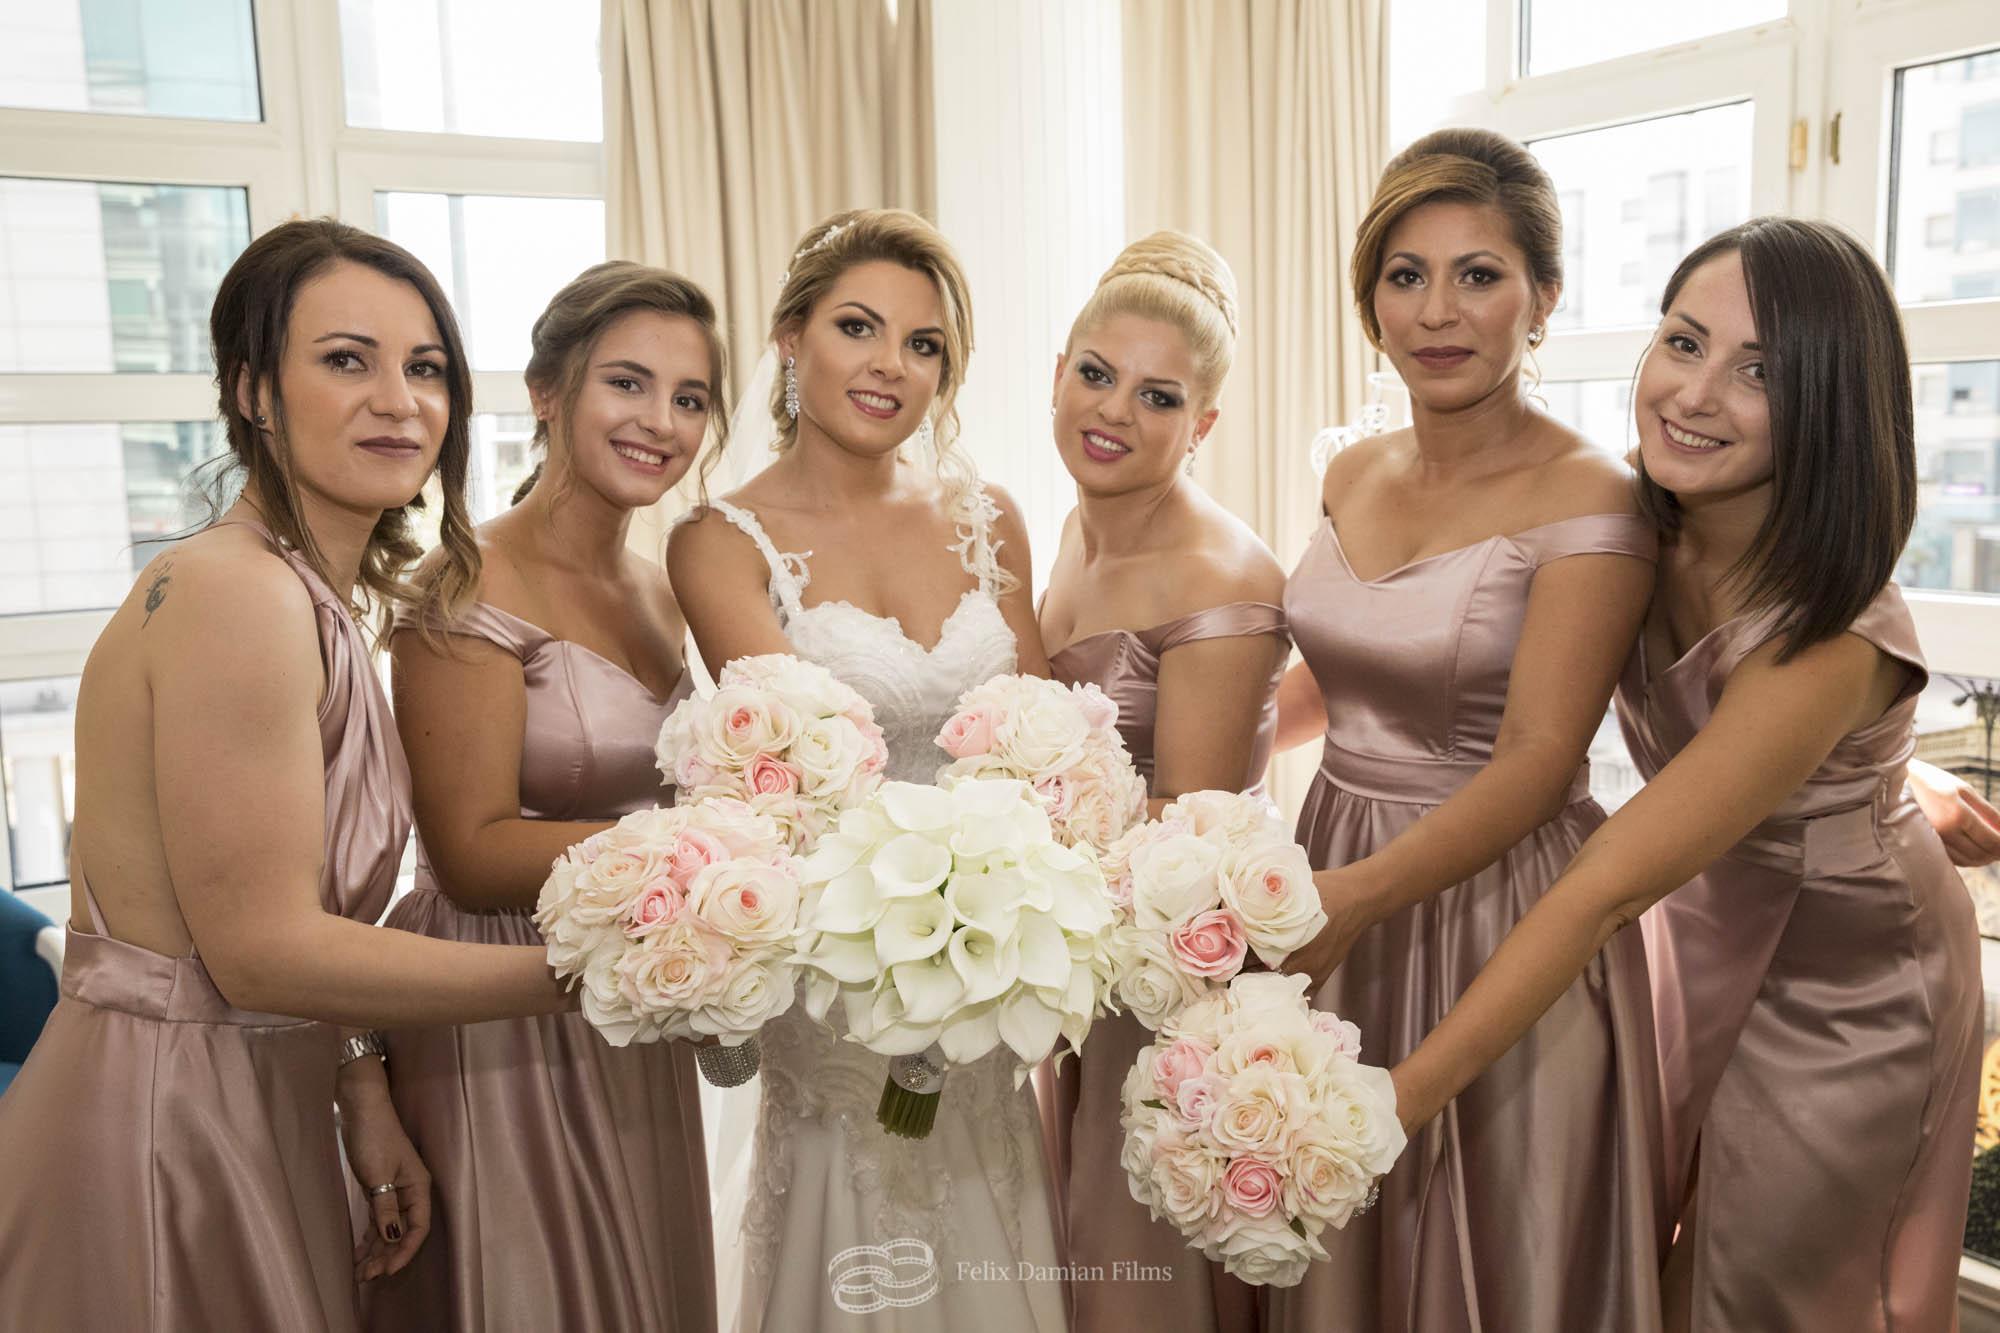 fotografos de bodas-42